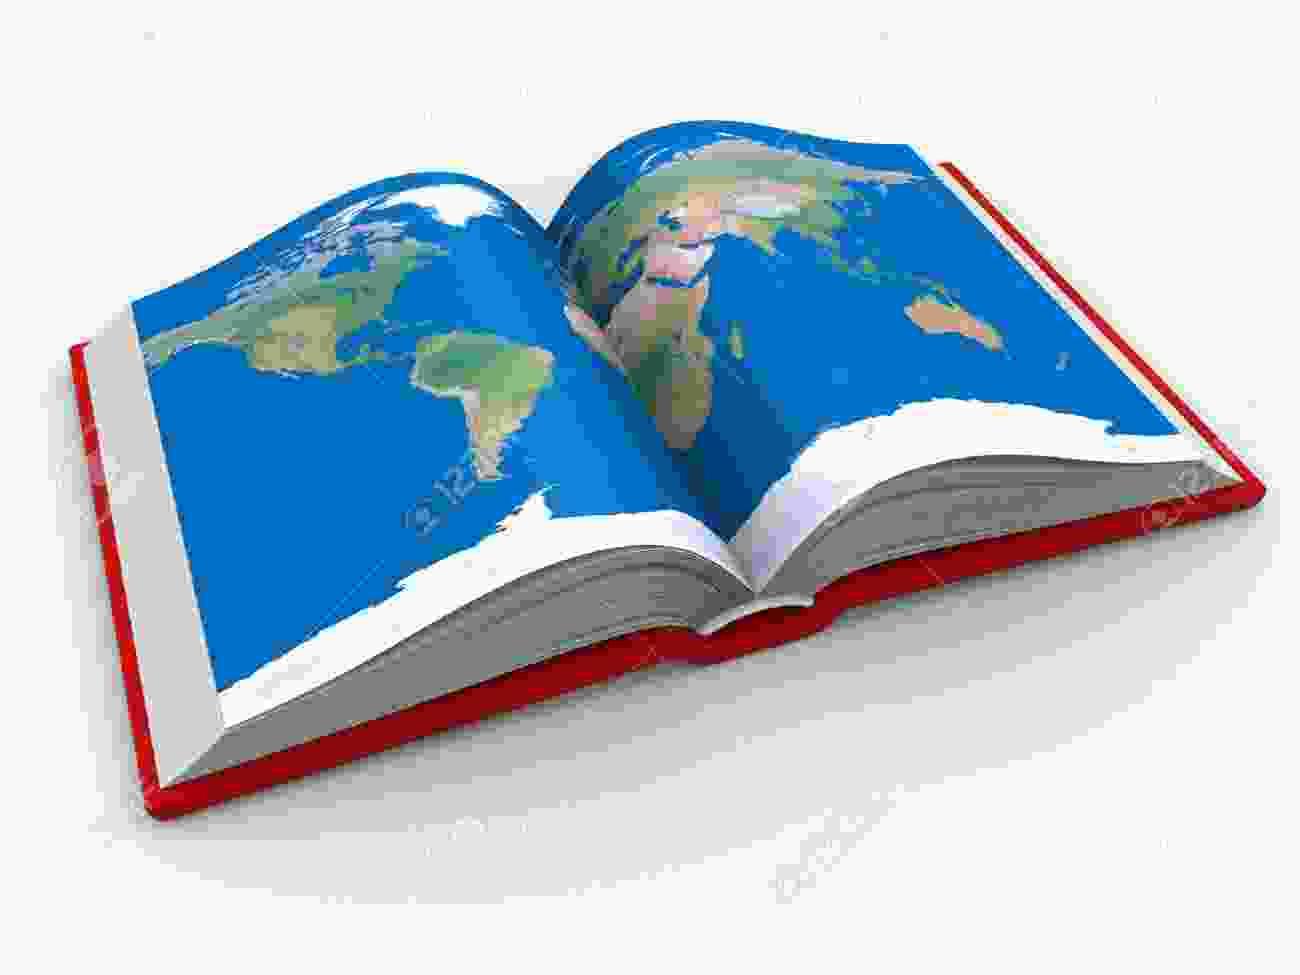 Cliparts Club: Atlas Book Clipart Cute.